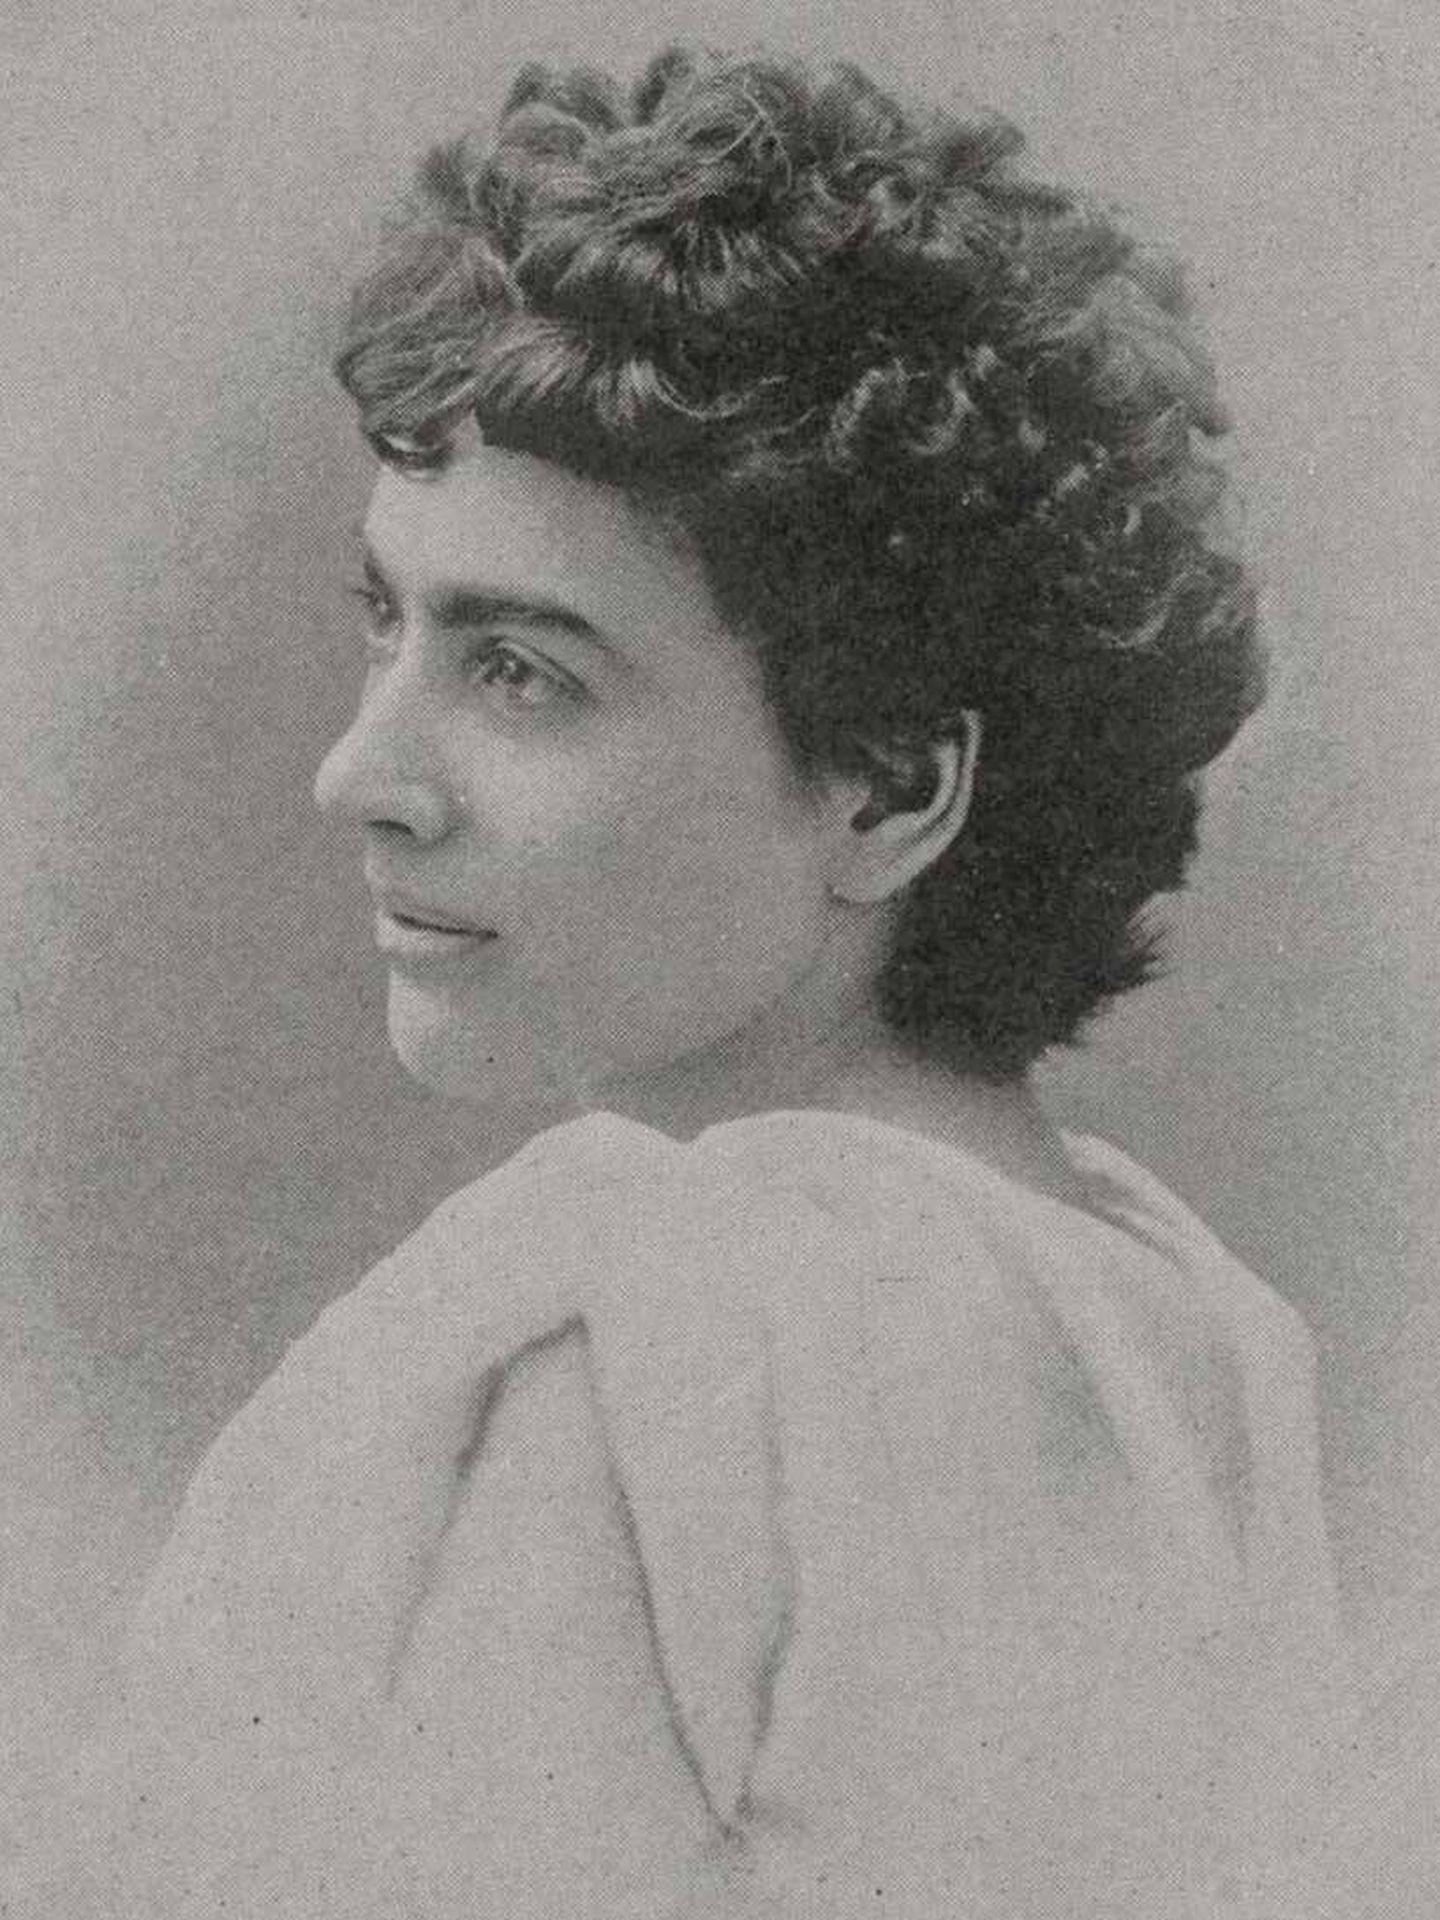 Elizabeth Magie, en una antigua fotografía. (Dominio público)